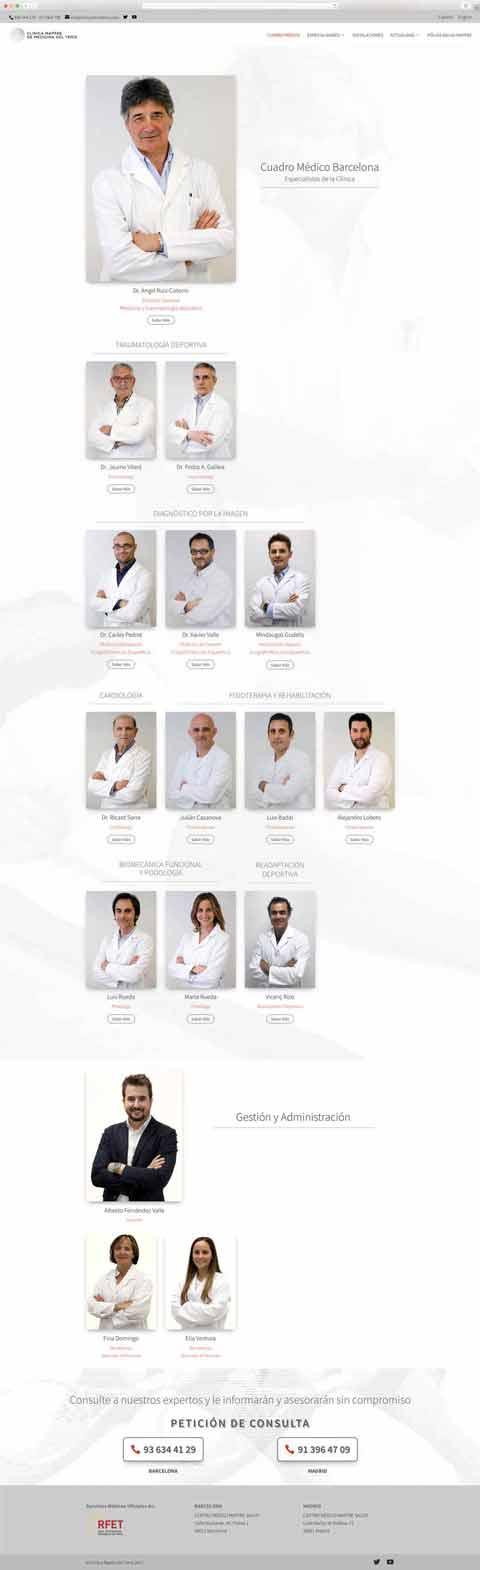 Muestra 2 de diseño web del proyecto Clínica Mapfre de Medicina del Tenis, realizado por Just the web y Byte Imatge